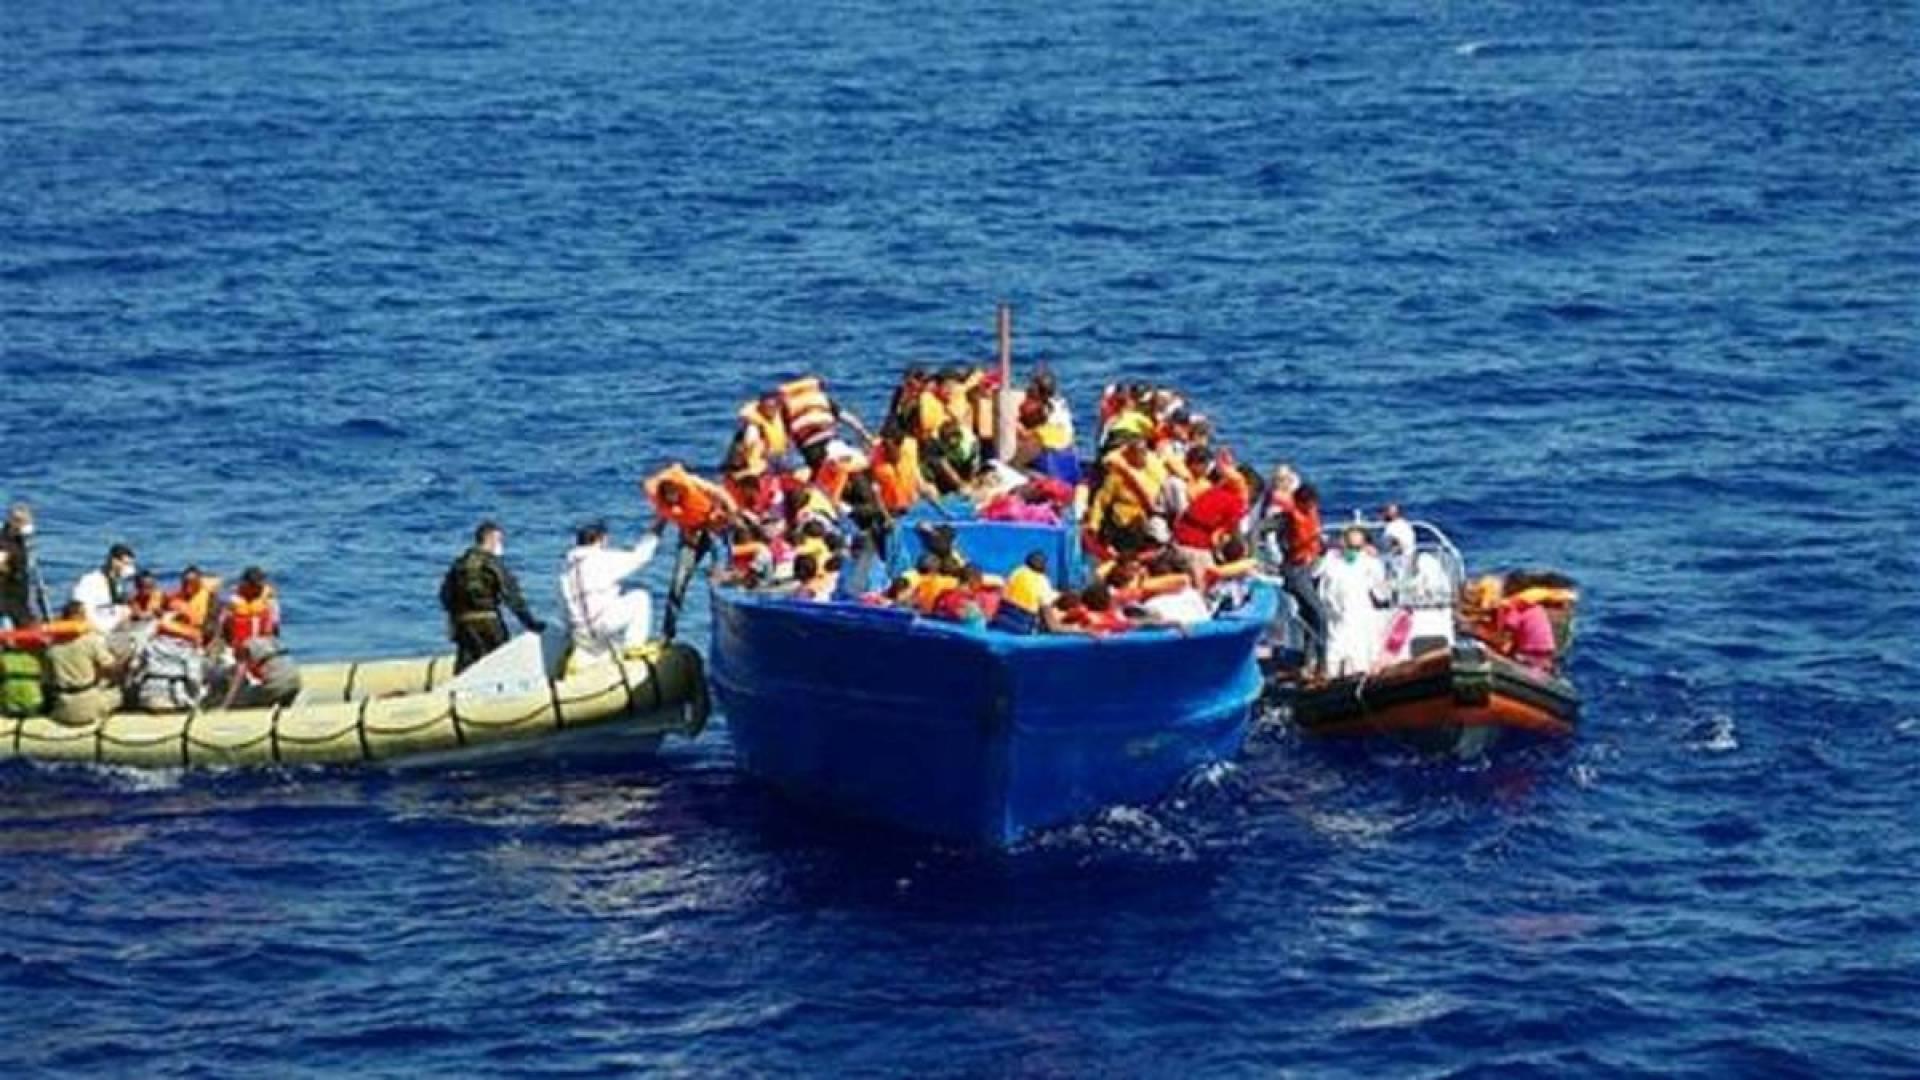 البحرية الليبية تنقذ 332 مهاجرا غير شرعي خلال يومين